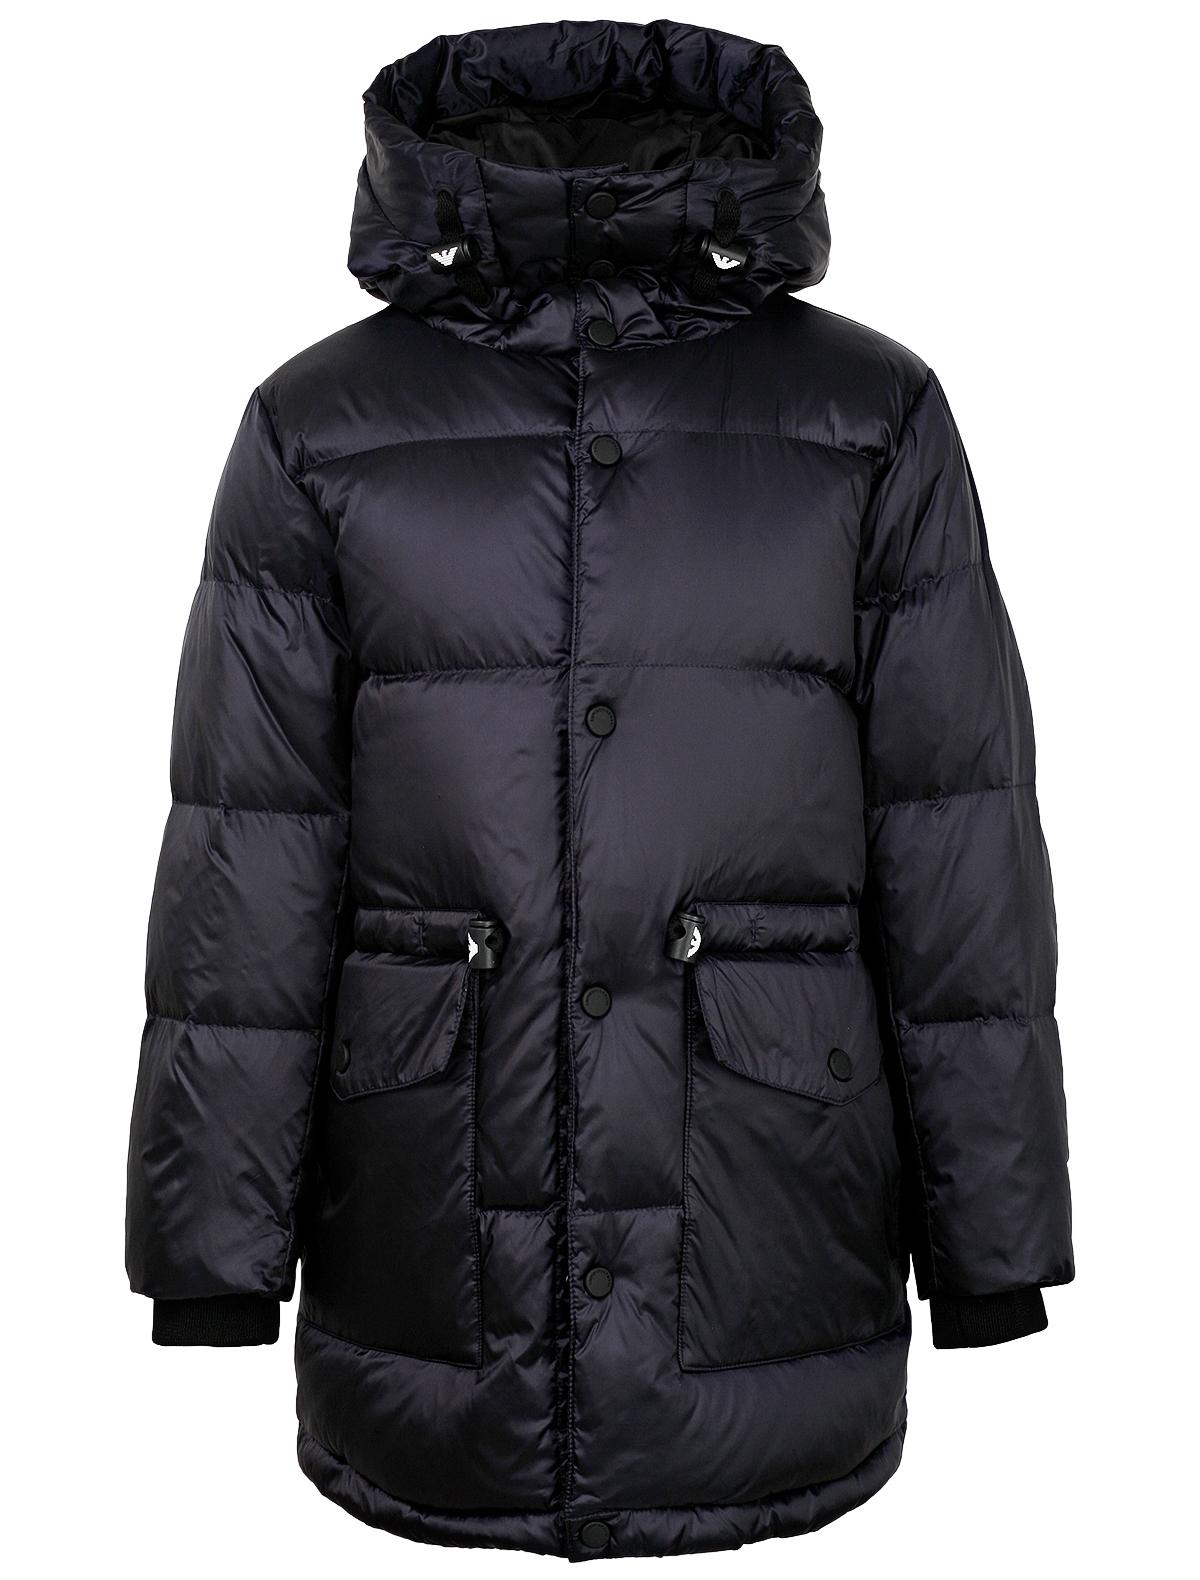 Купить 2130178, Куртка Armani Junior, синий, Мужской, 1071419980442